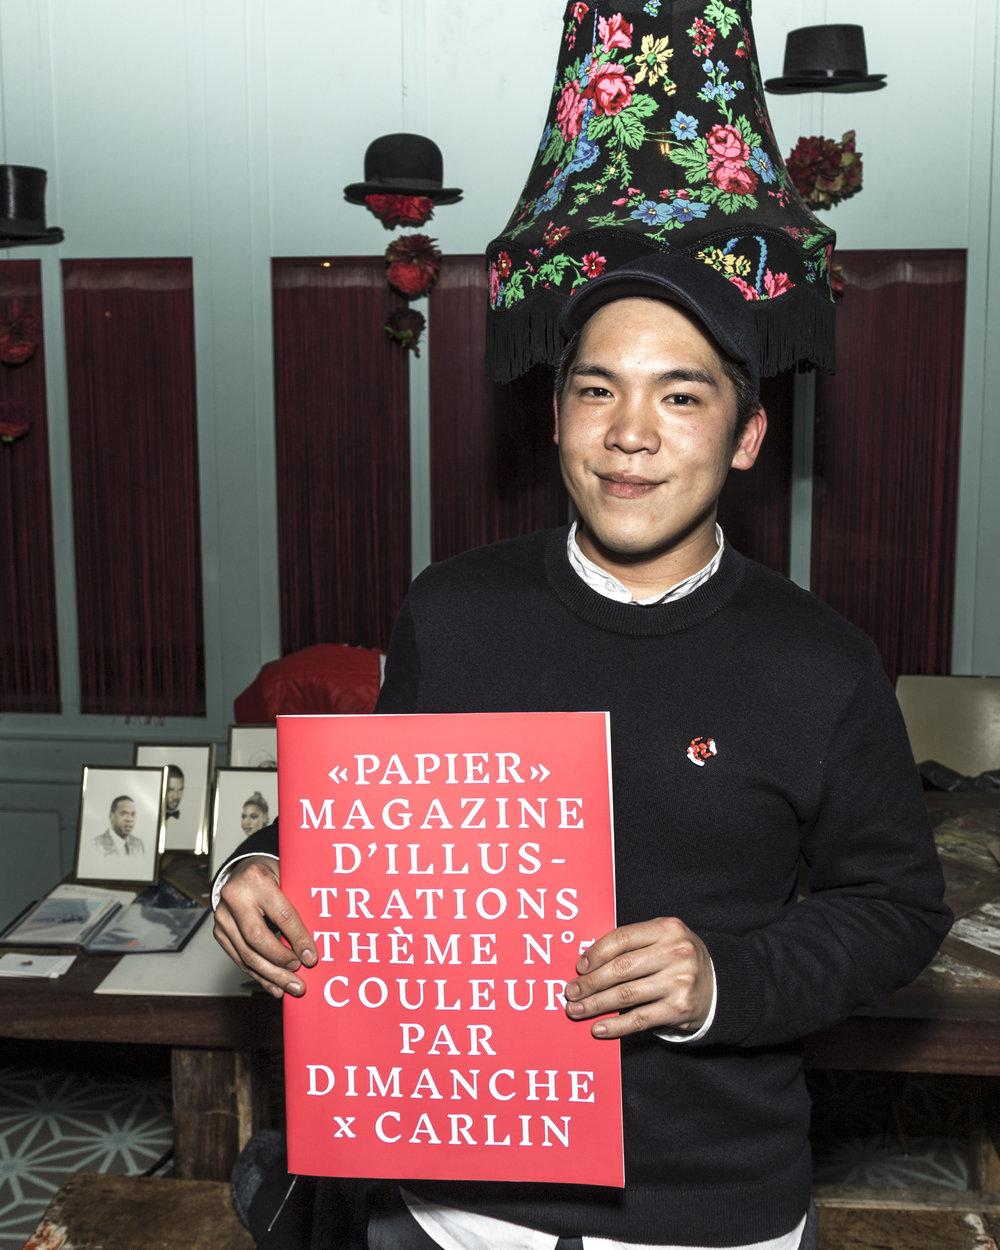 """Alexandre Luu, Le gagnant de la dernière compétition de """"Papier"""" Magazine."""